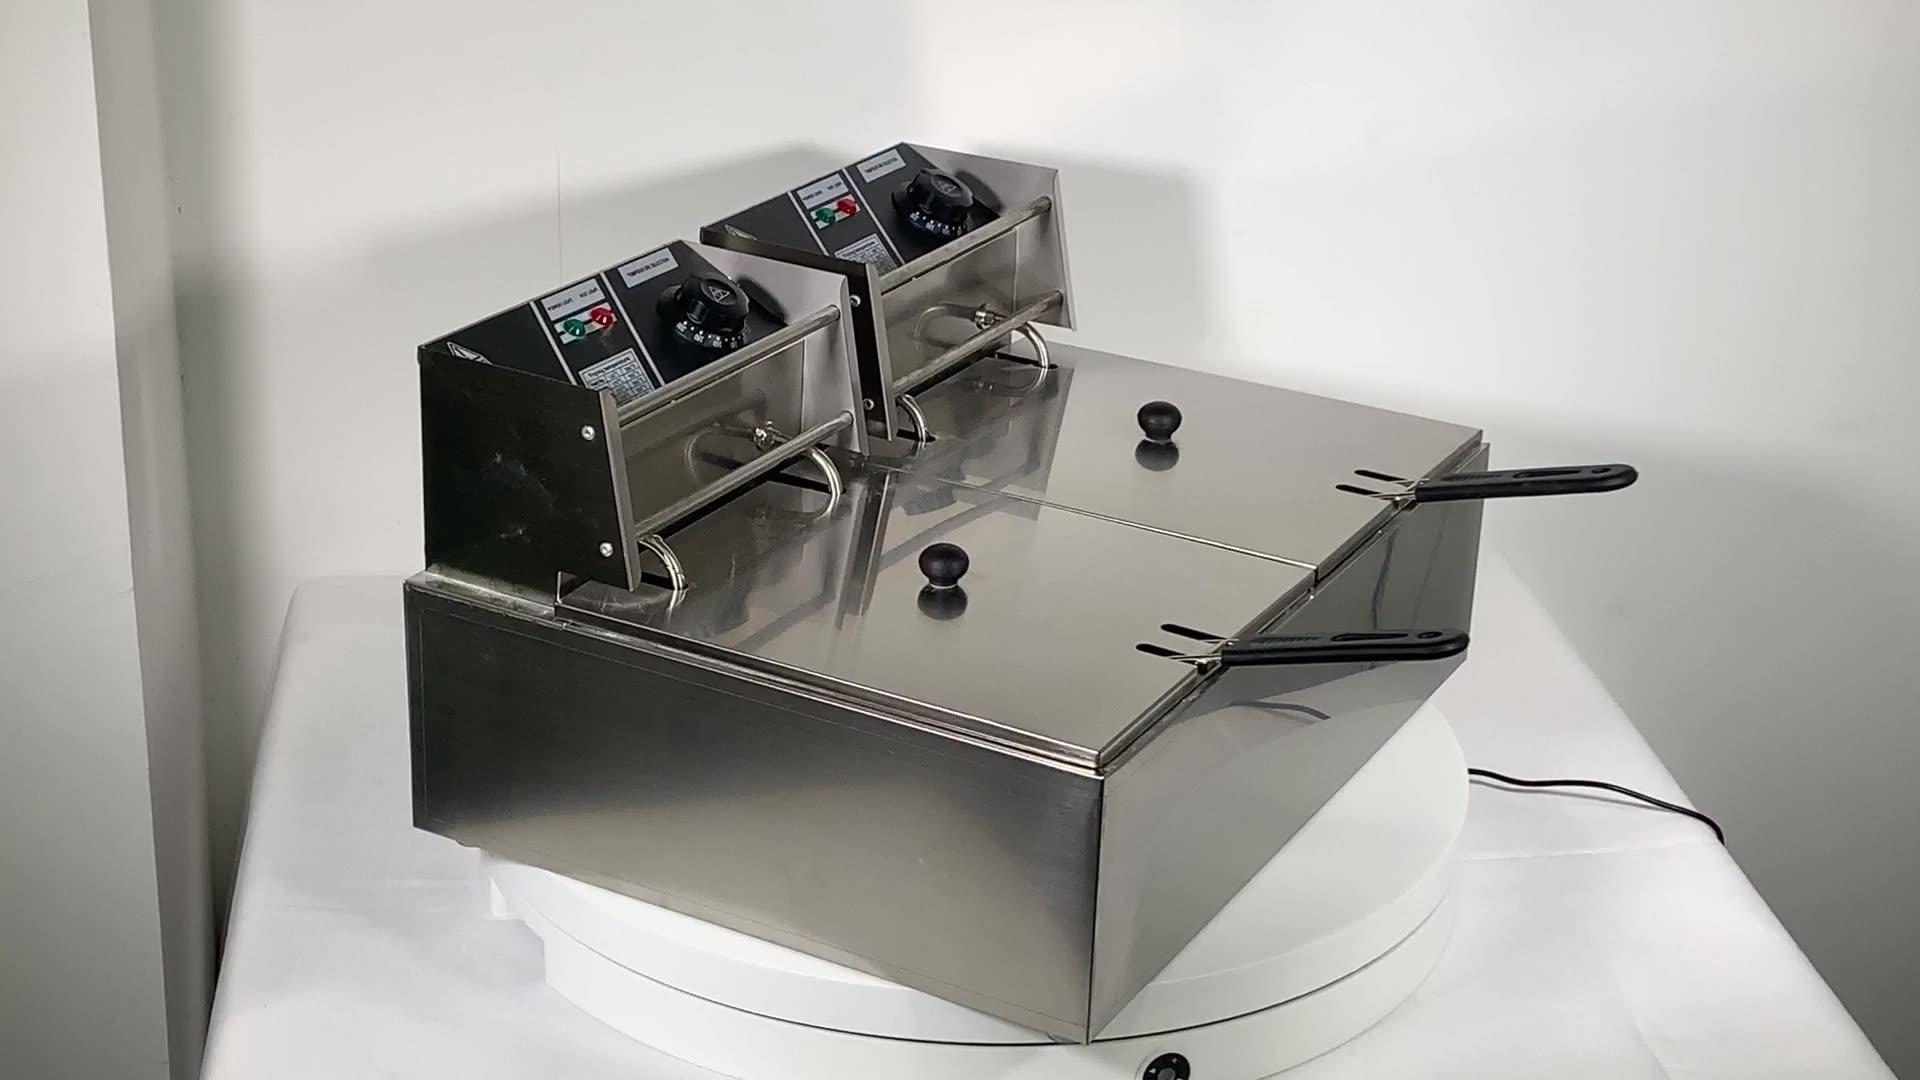 12 litro 2 Serbatoio In Acciaio Inox Friggitrice Elettrica Friggitrice con Doppio Cesto Piazza Grande Piano di Lavoro di Controllo della Temperatura